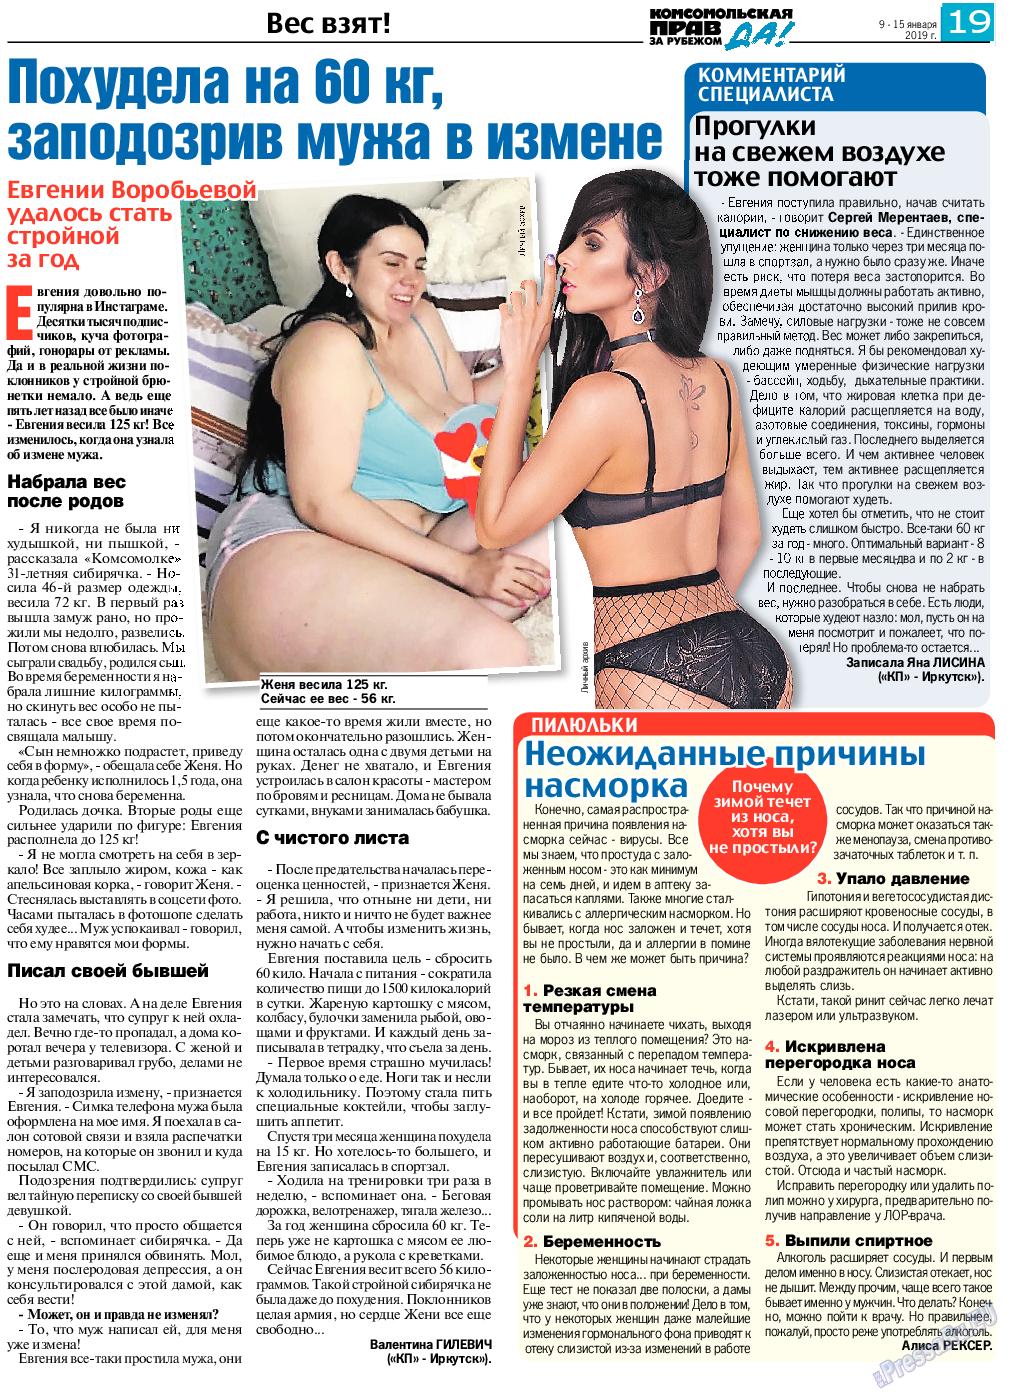 КП в Европе (газета). 2019 год, номер 2, стр. 19